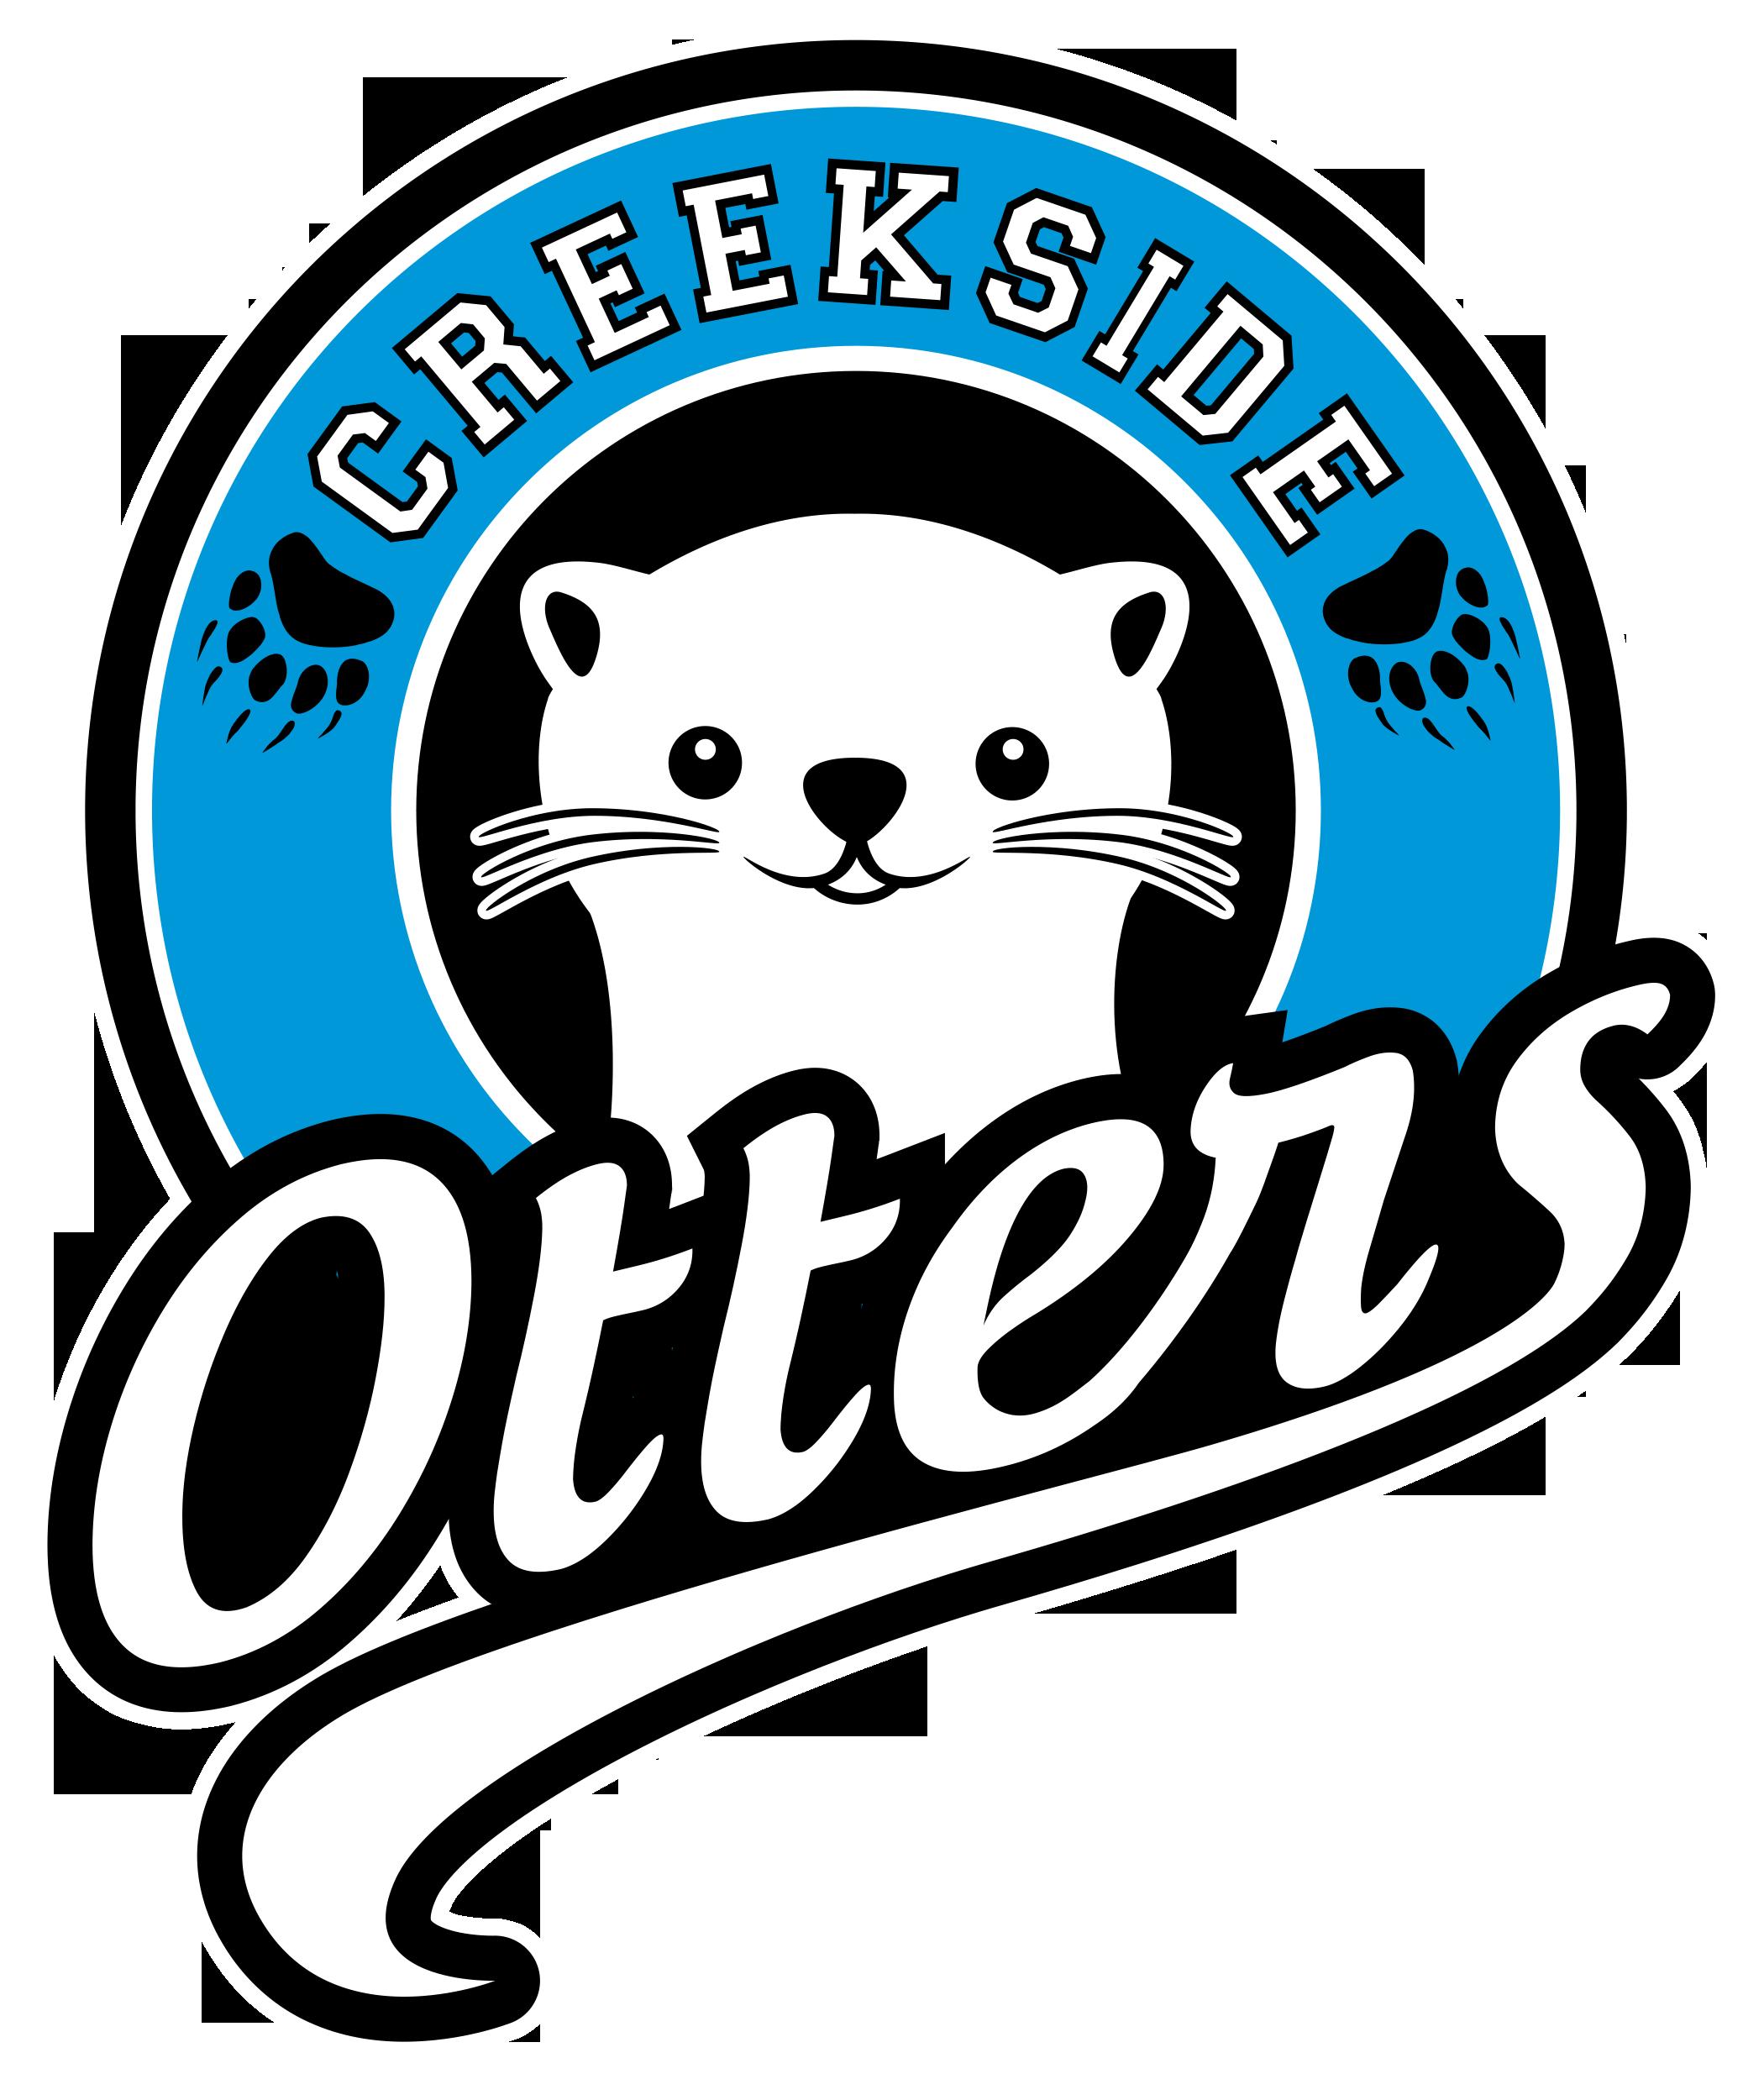 otter wear